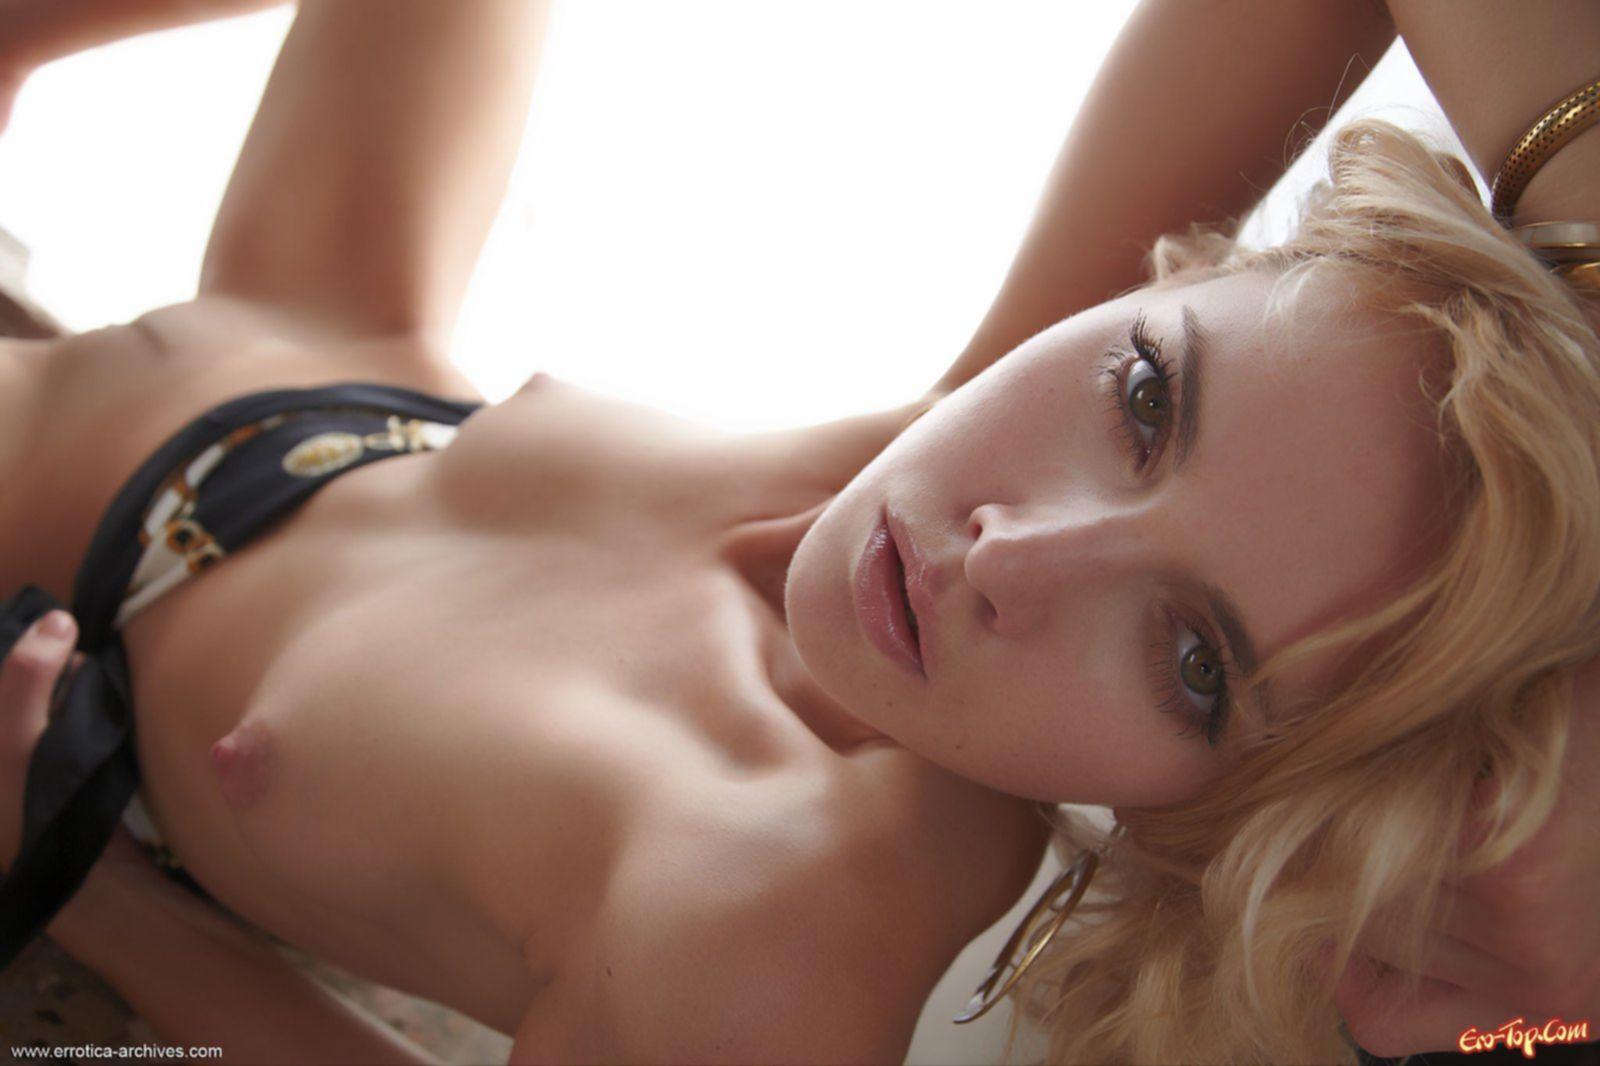 Голая блондинка с раздвинутыми ногами - фото эротика.